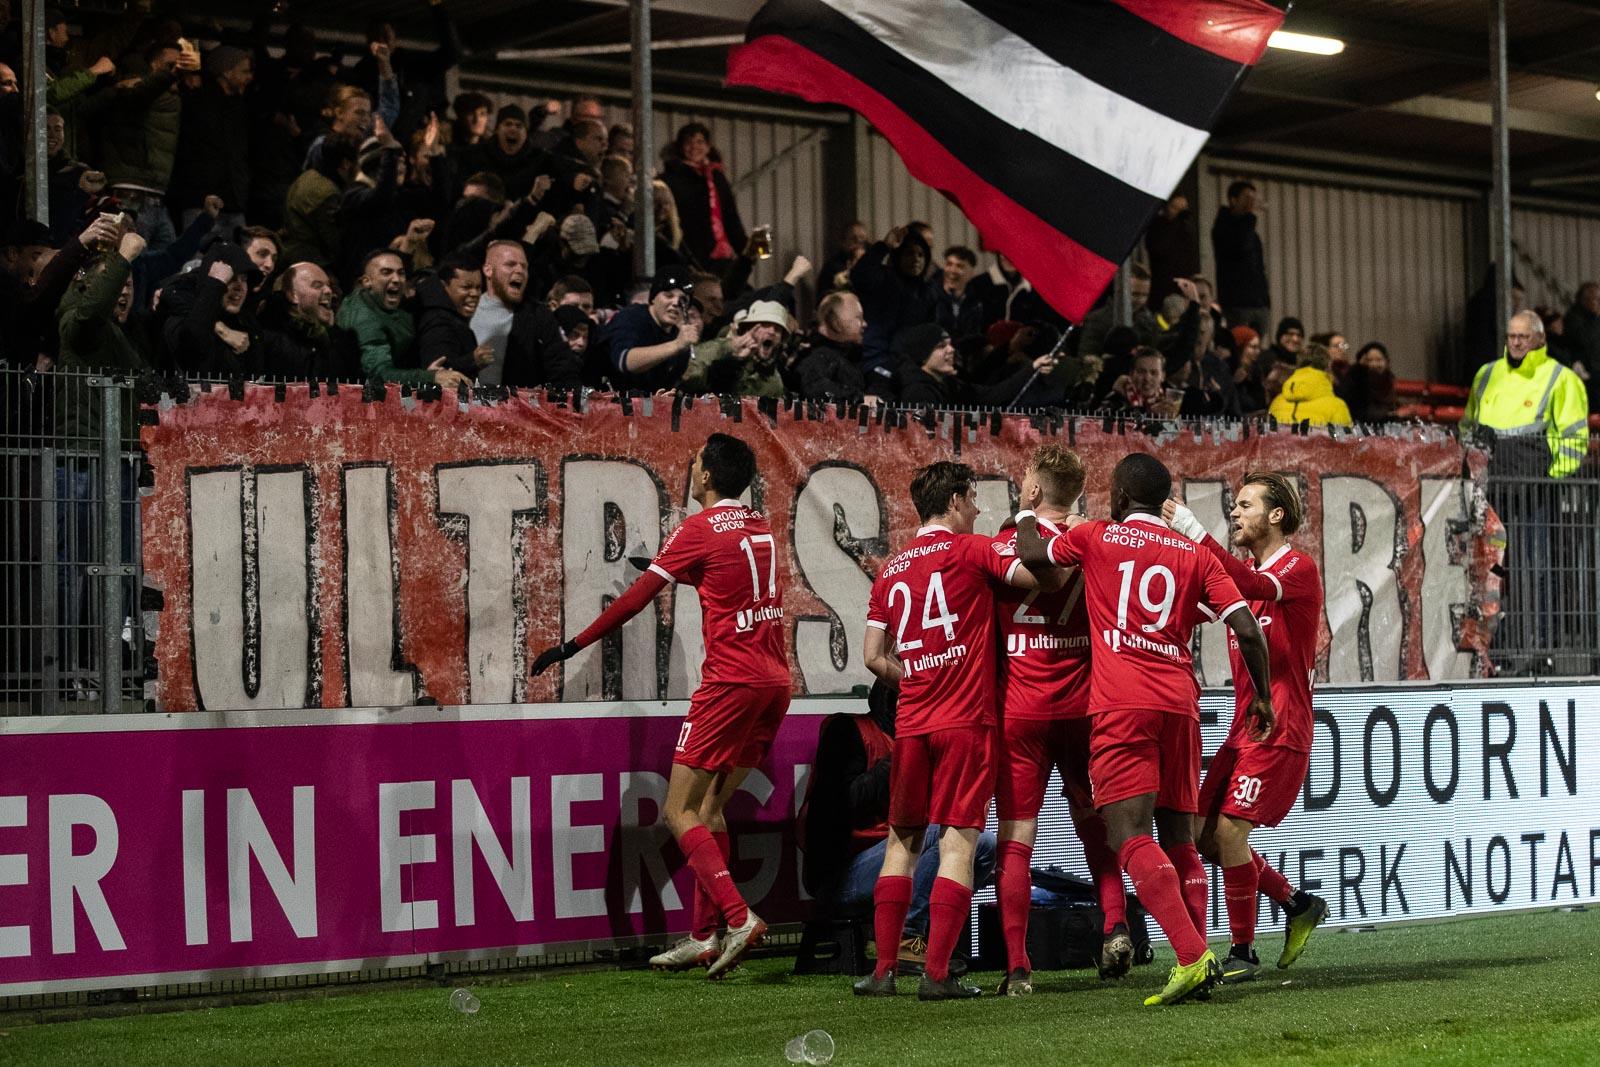 Tijdelijke seizoenkaart Almere City FC omruilen kan vanavond nog